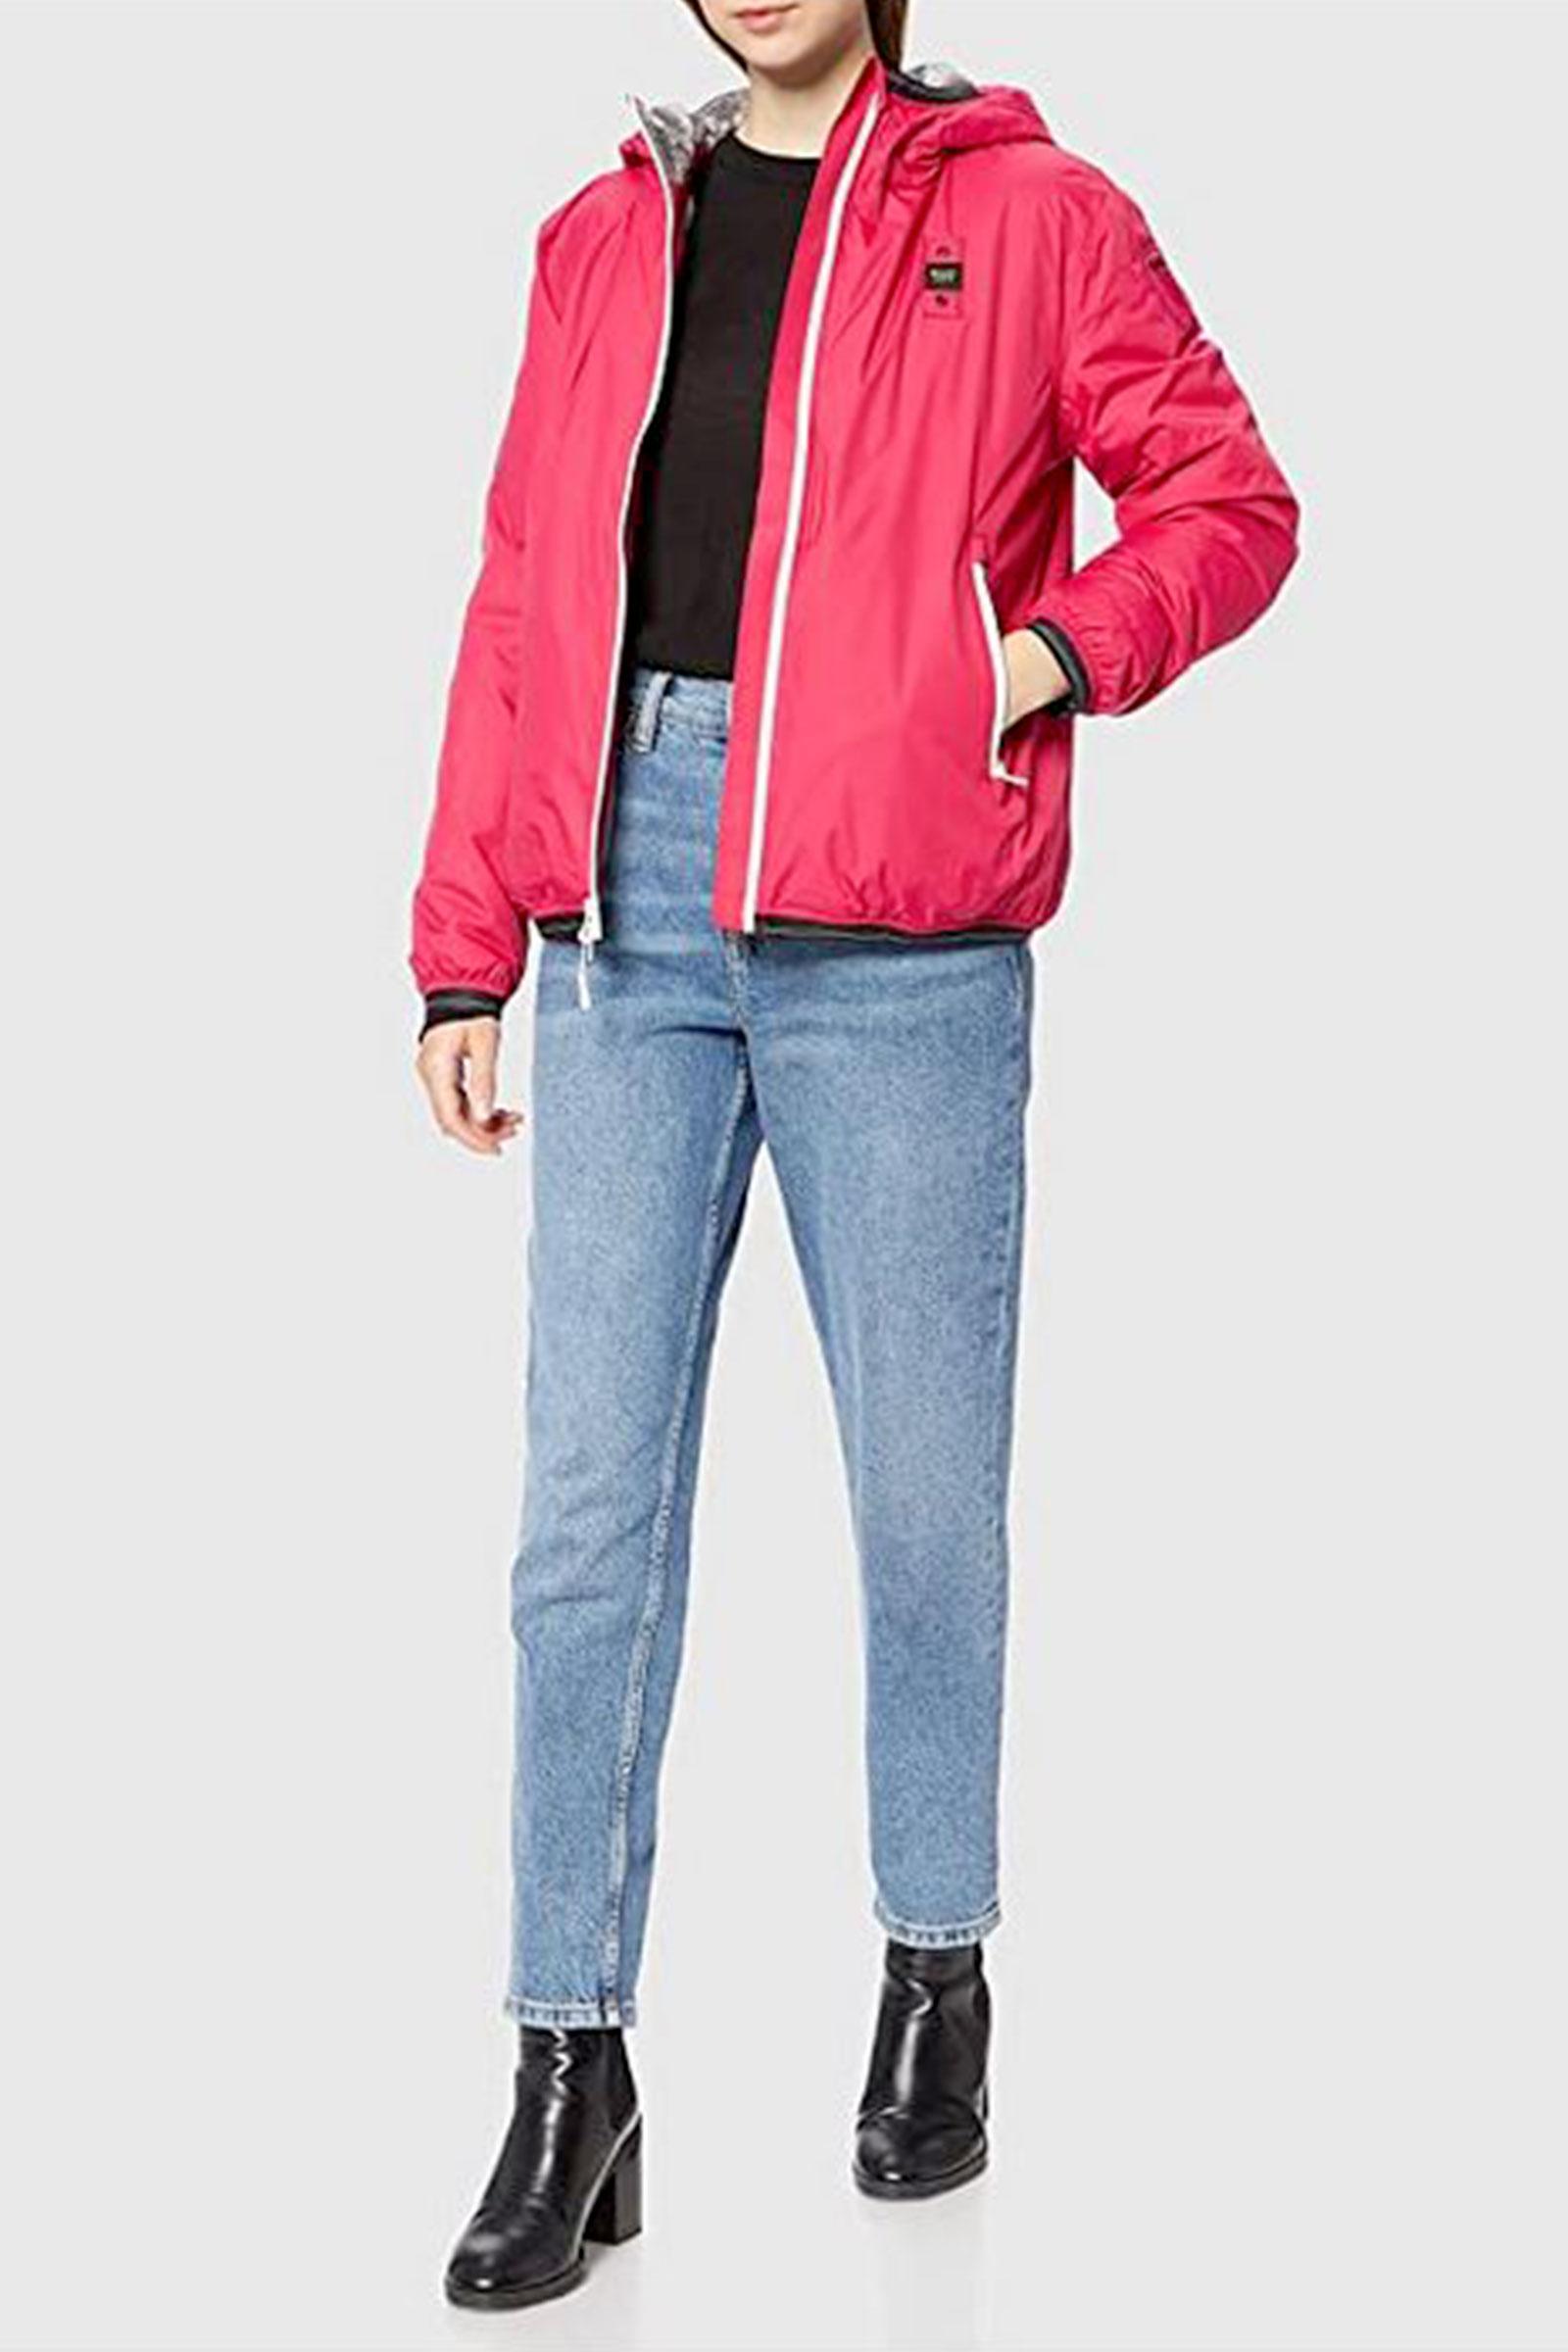 Giubbino Donna Modello Eco Amber BLAUER | Giubbino | BLDC02422 6007706